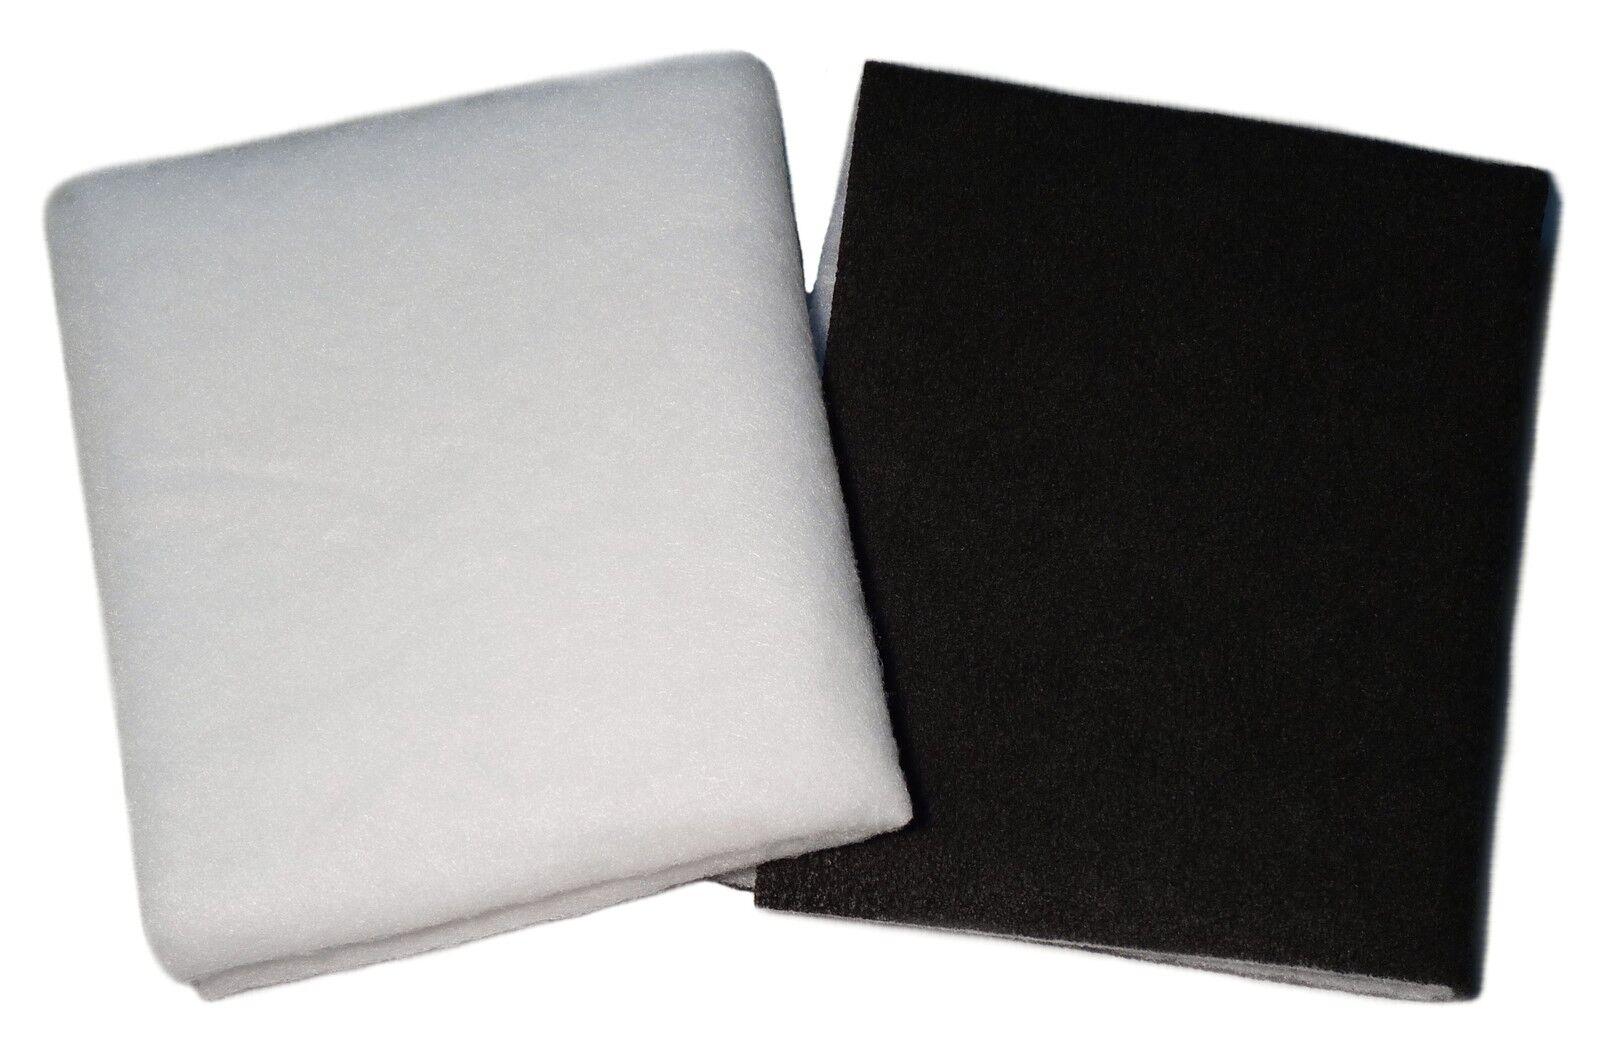 Kohlefilter Aktivkohlefilter Fettfilter Fett Filter Aktivkohle Dunstabzugshaube